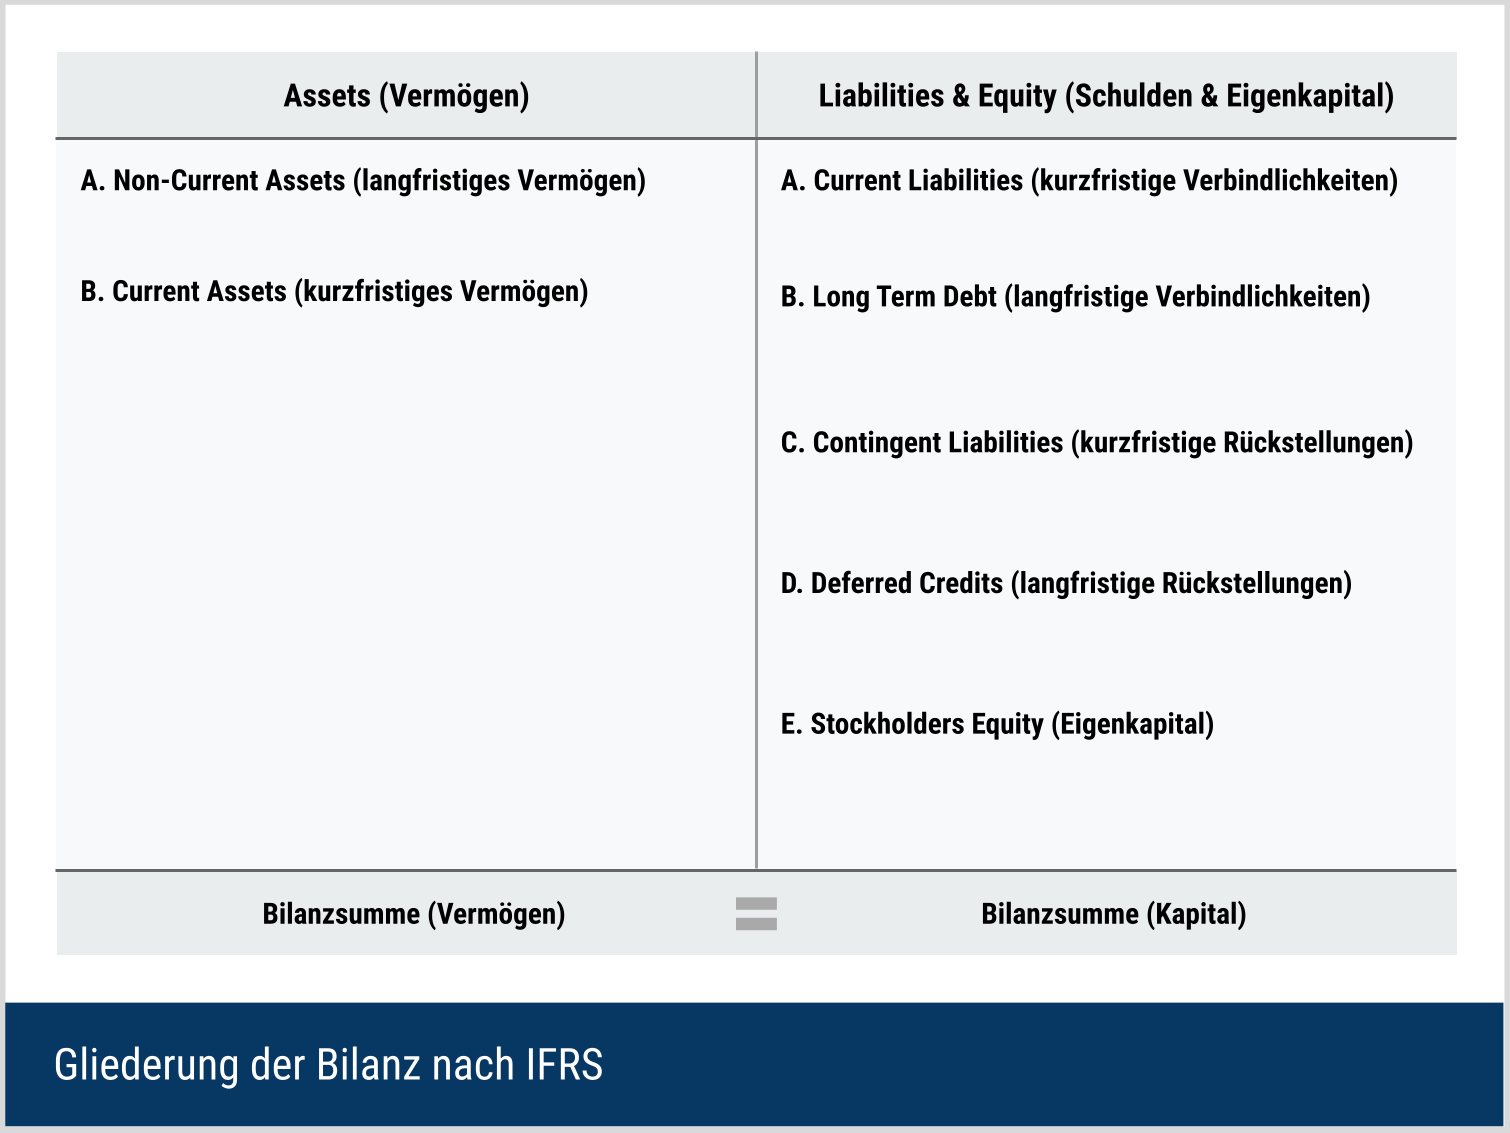 Gliederung der Bilanz nach IFRS